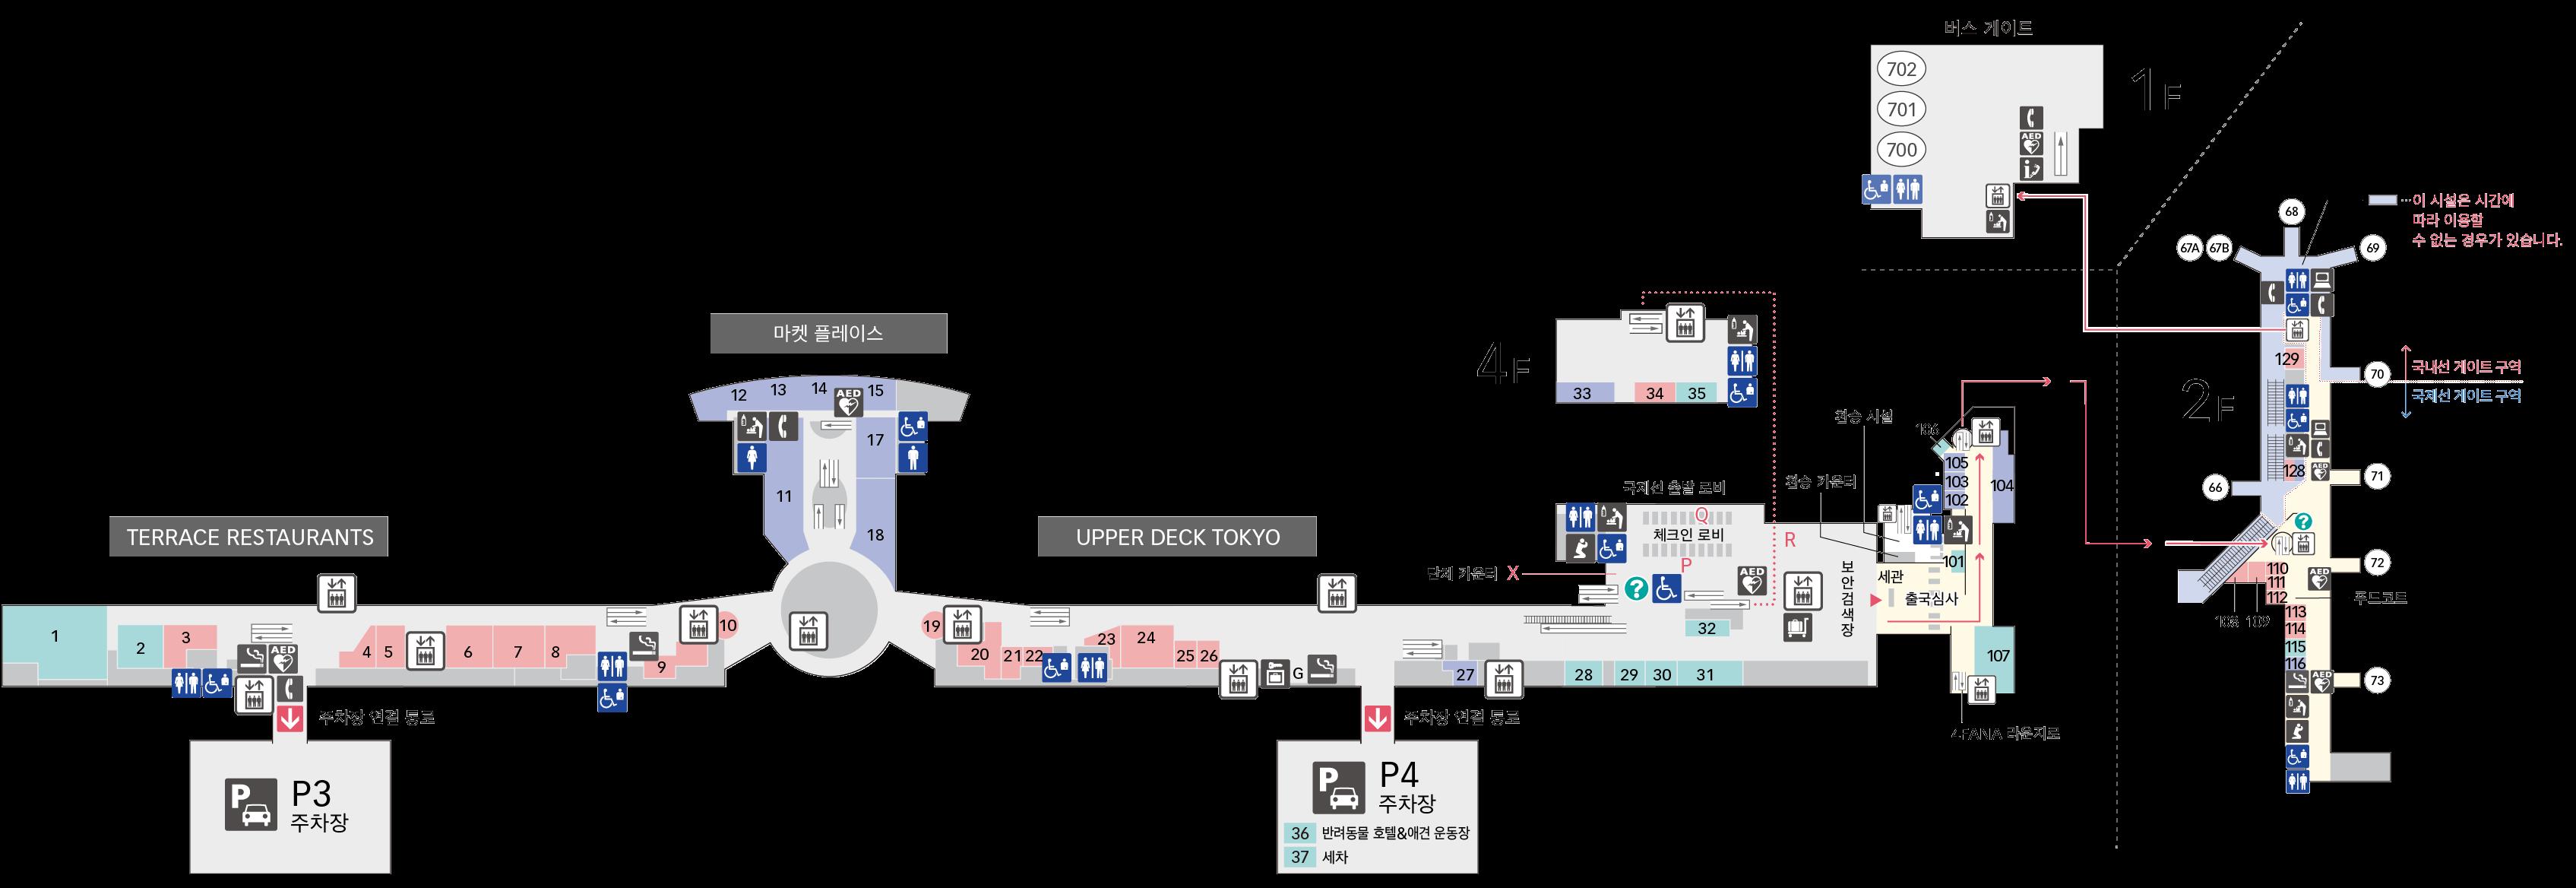 3F 출발 로비 (국제선) ·식당&쇼핑 플로어 맵